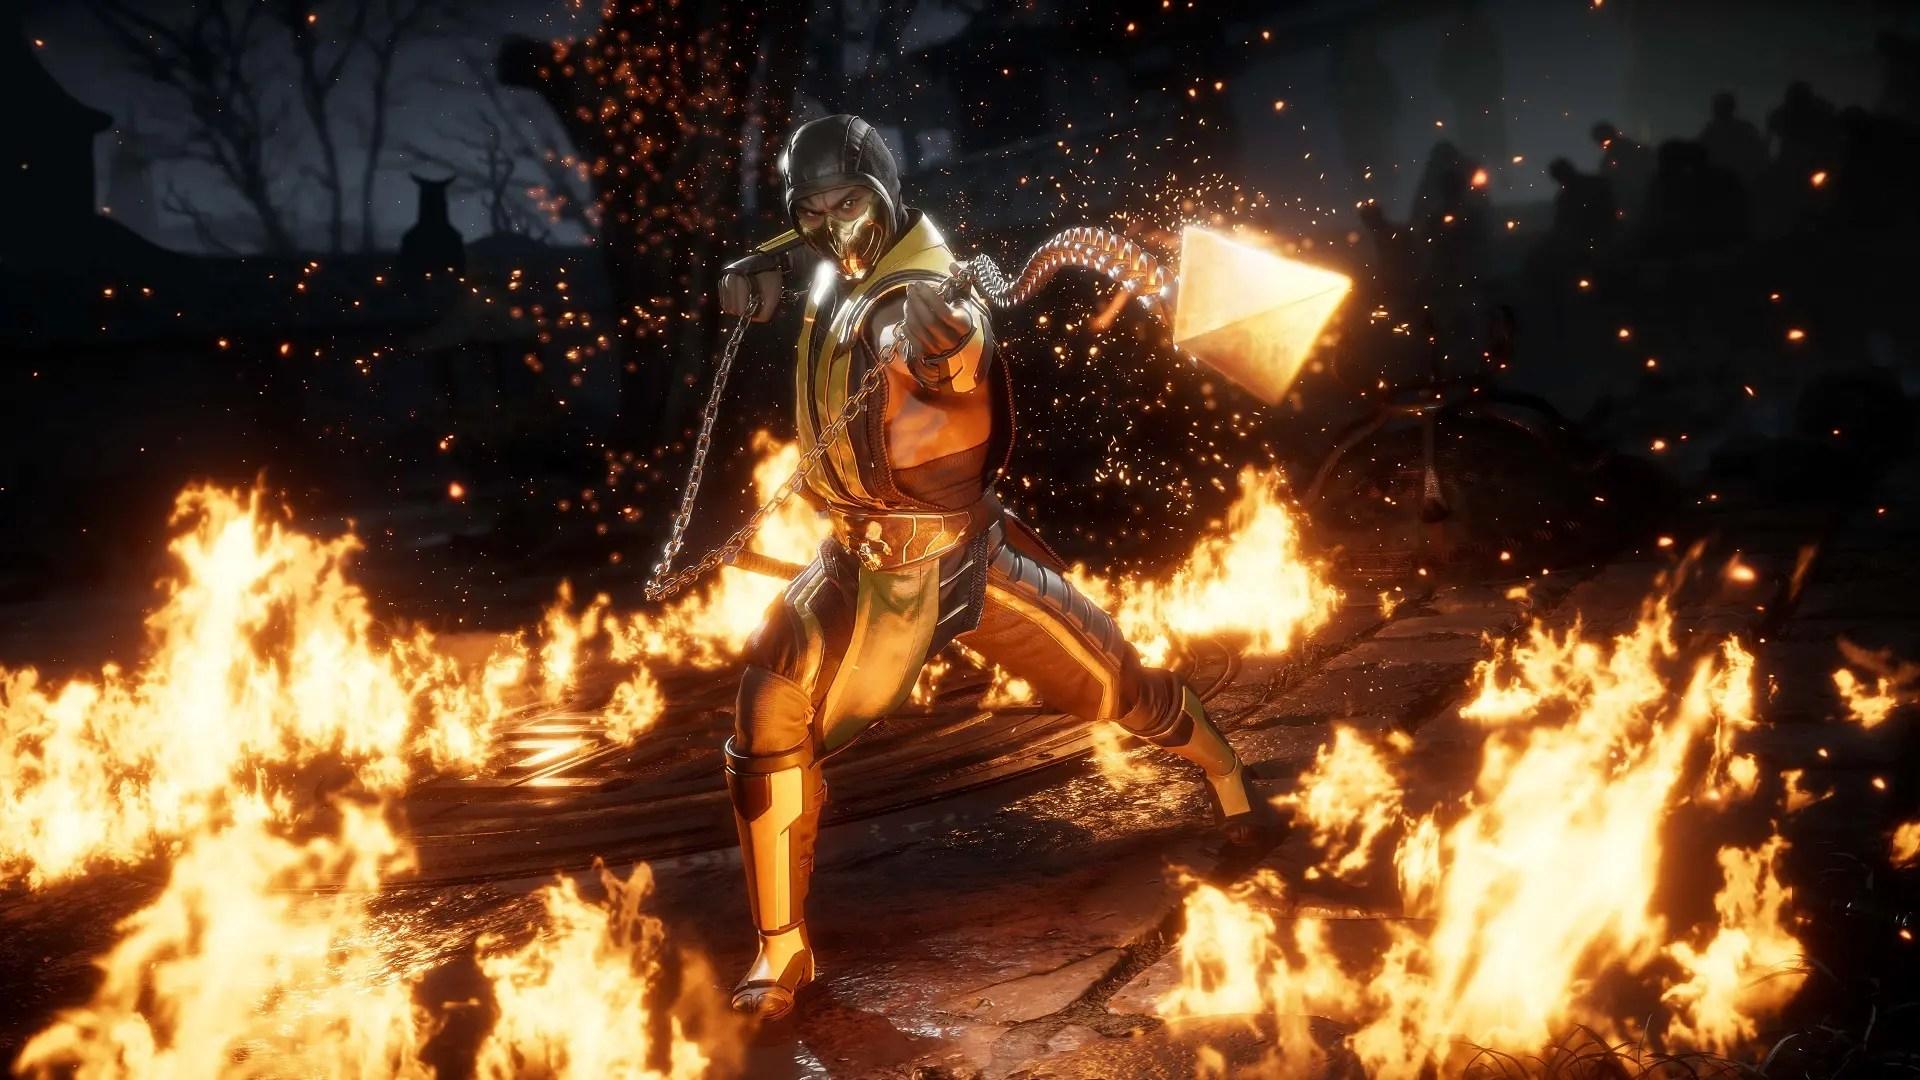 Scorpion Mortal Kombat Hd Wallpaper Mortal Kombat 11 Contar 225 Con Editor De Personajes Y